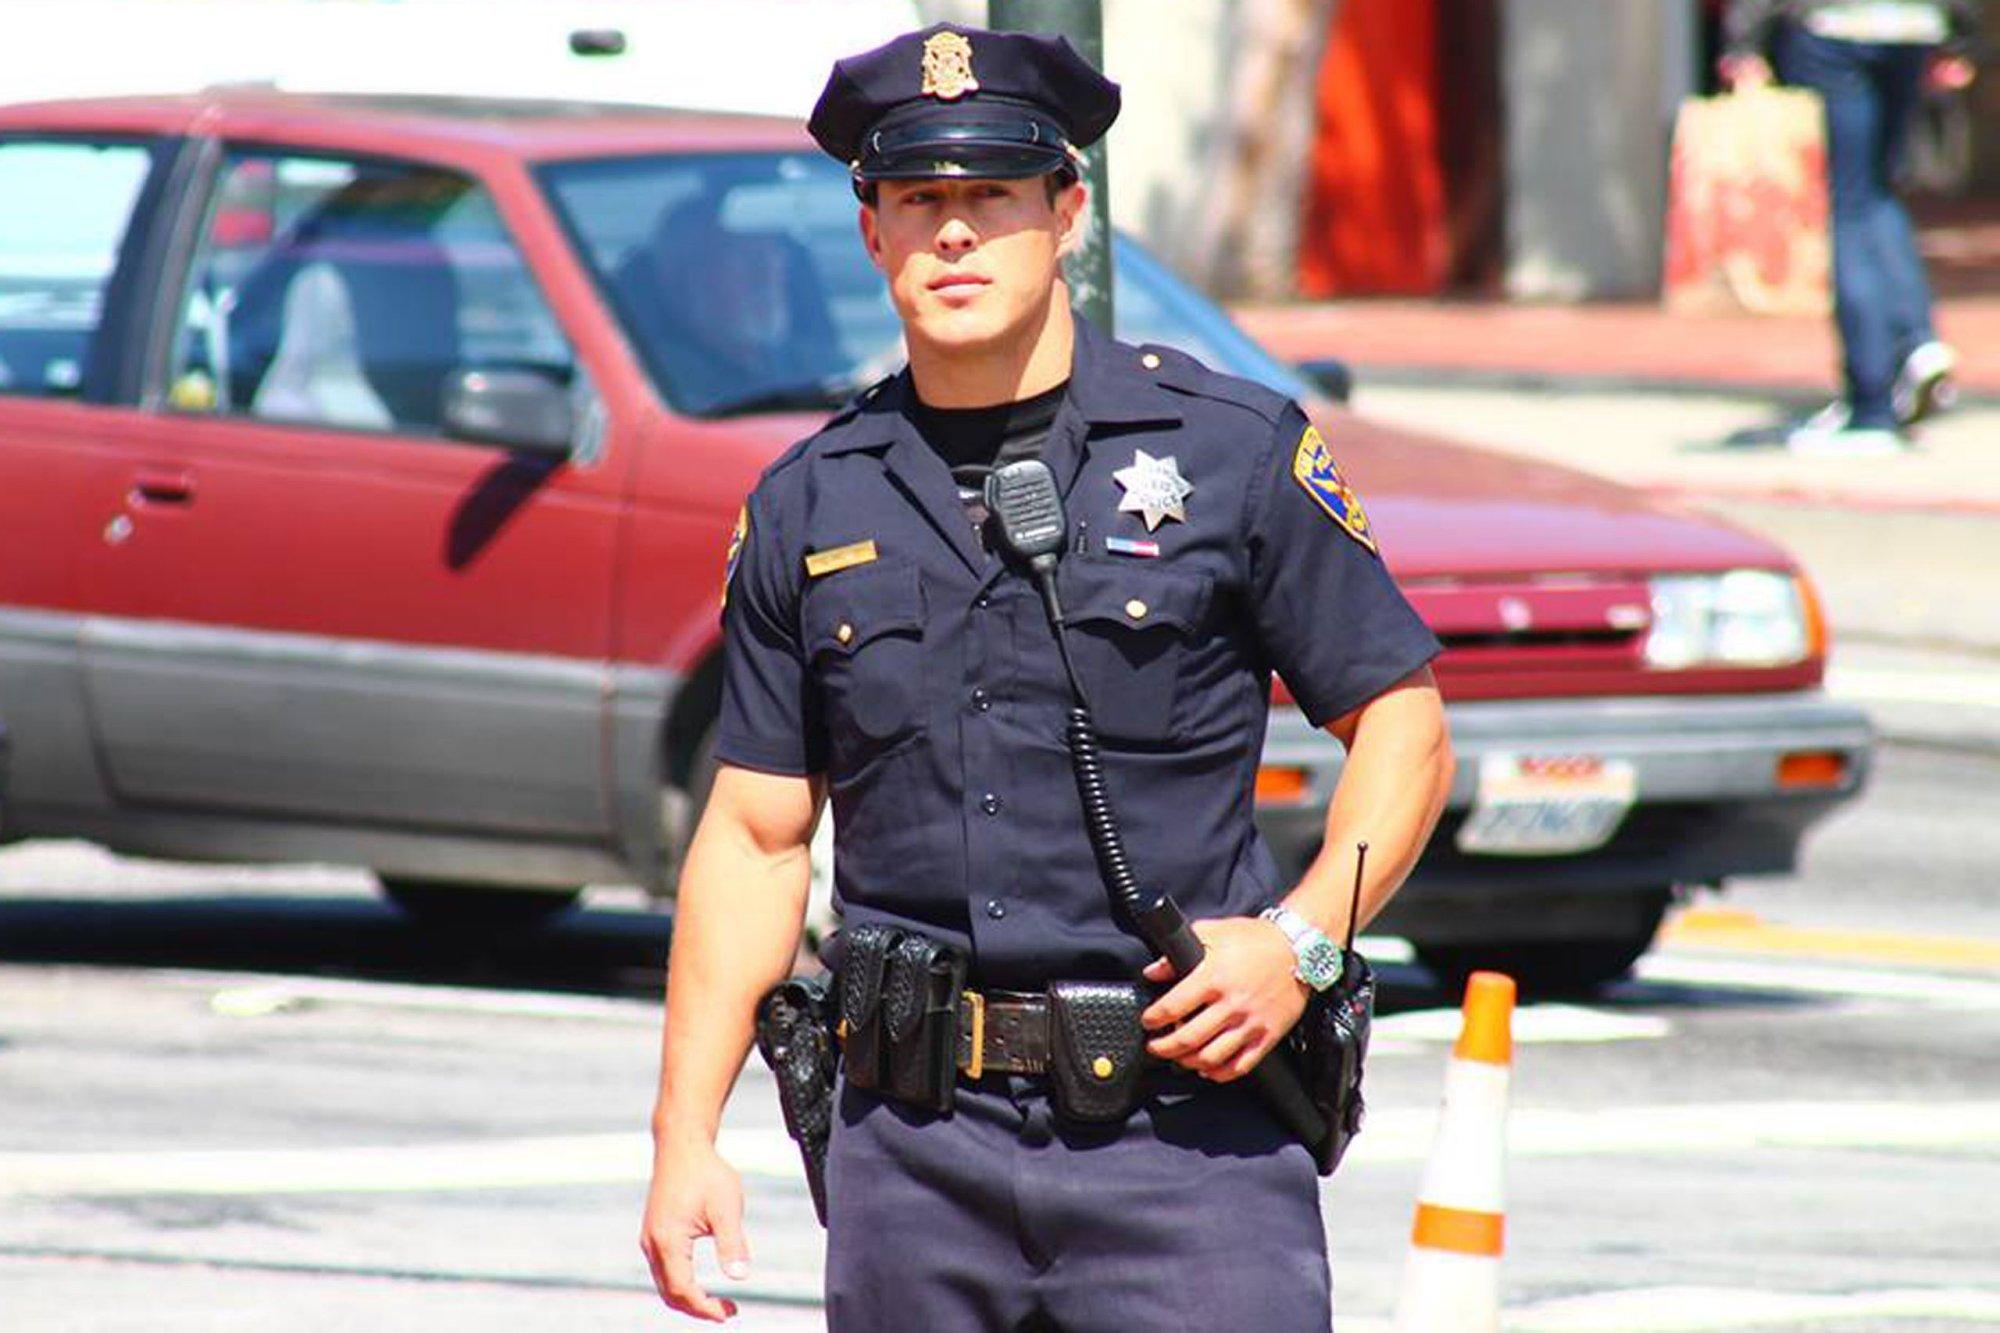 Hot police men